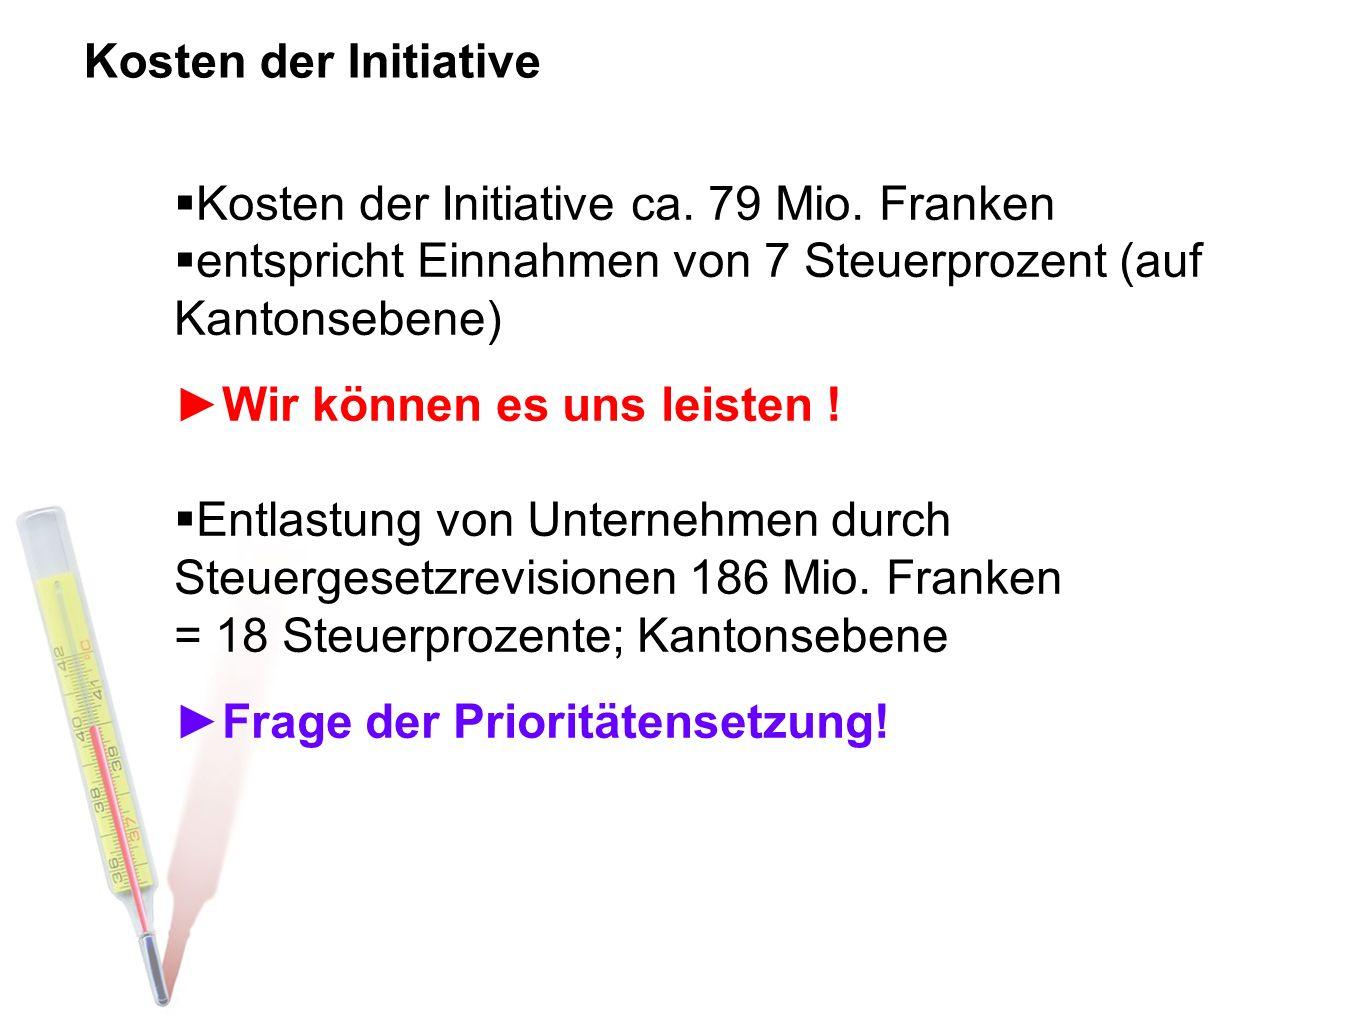 Kosten der Initiative ca. 79 Mio. Franken